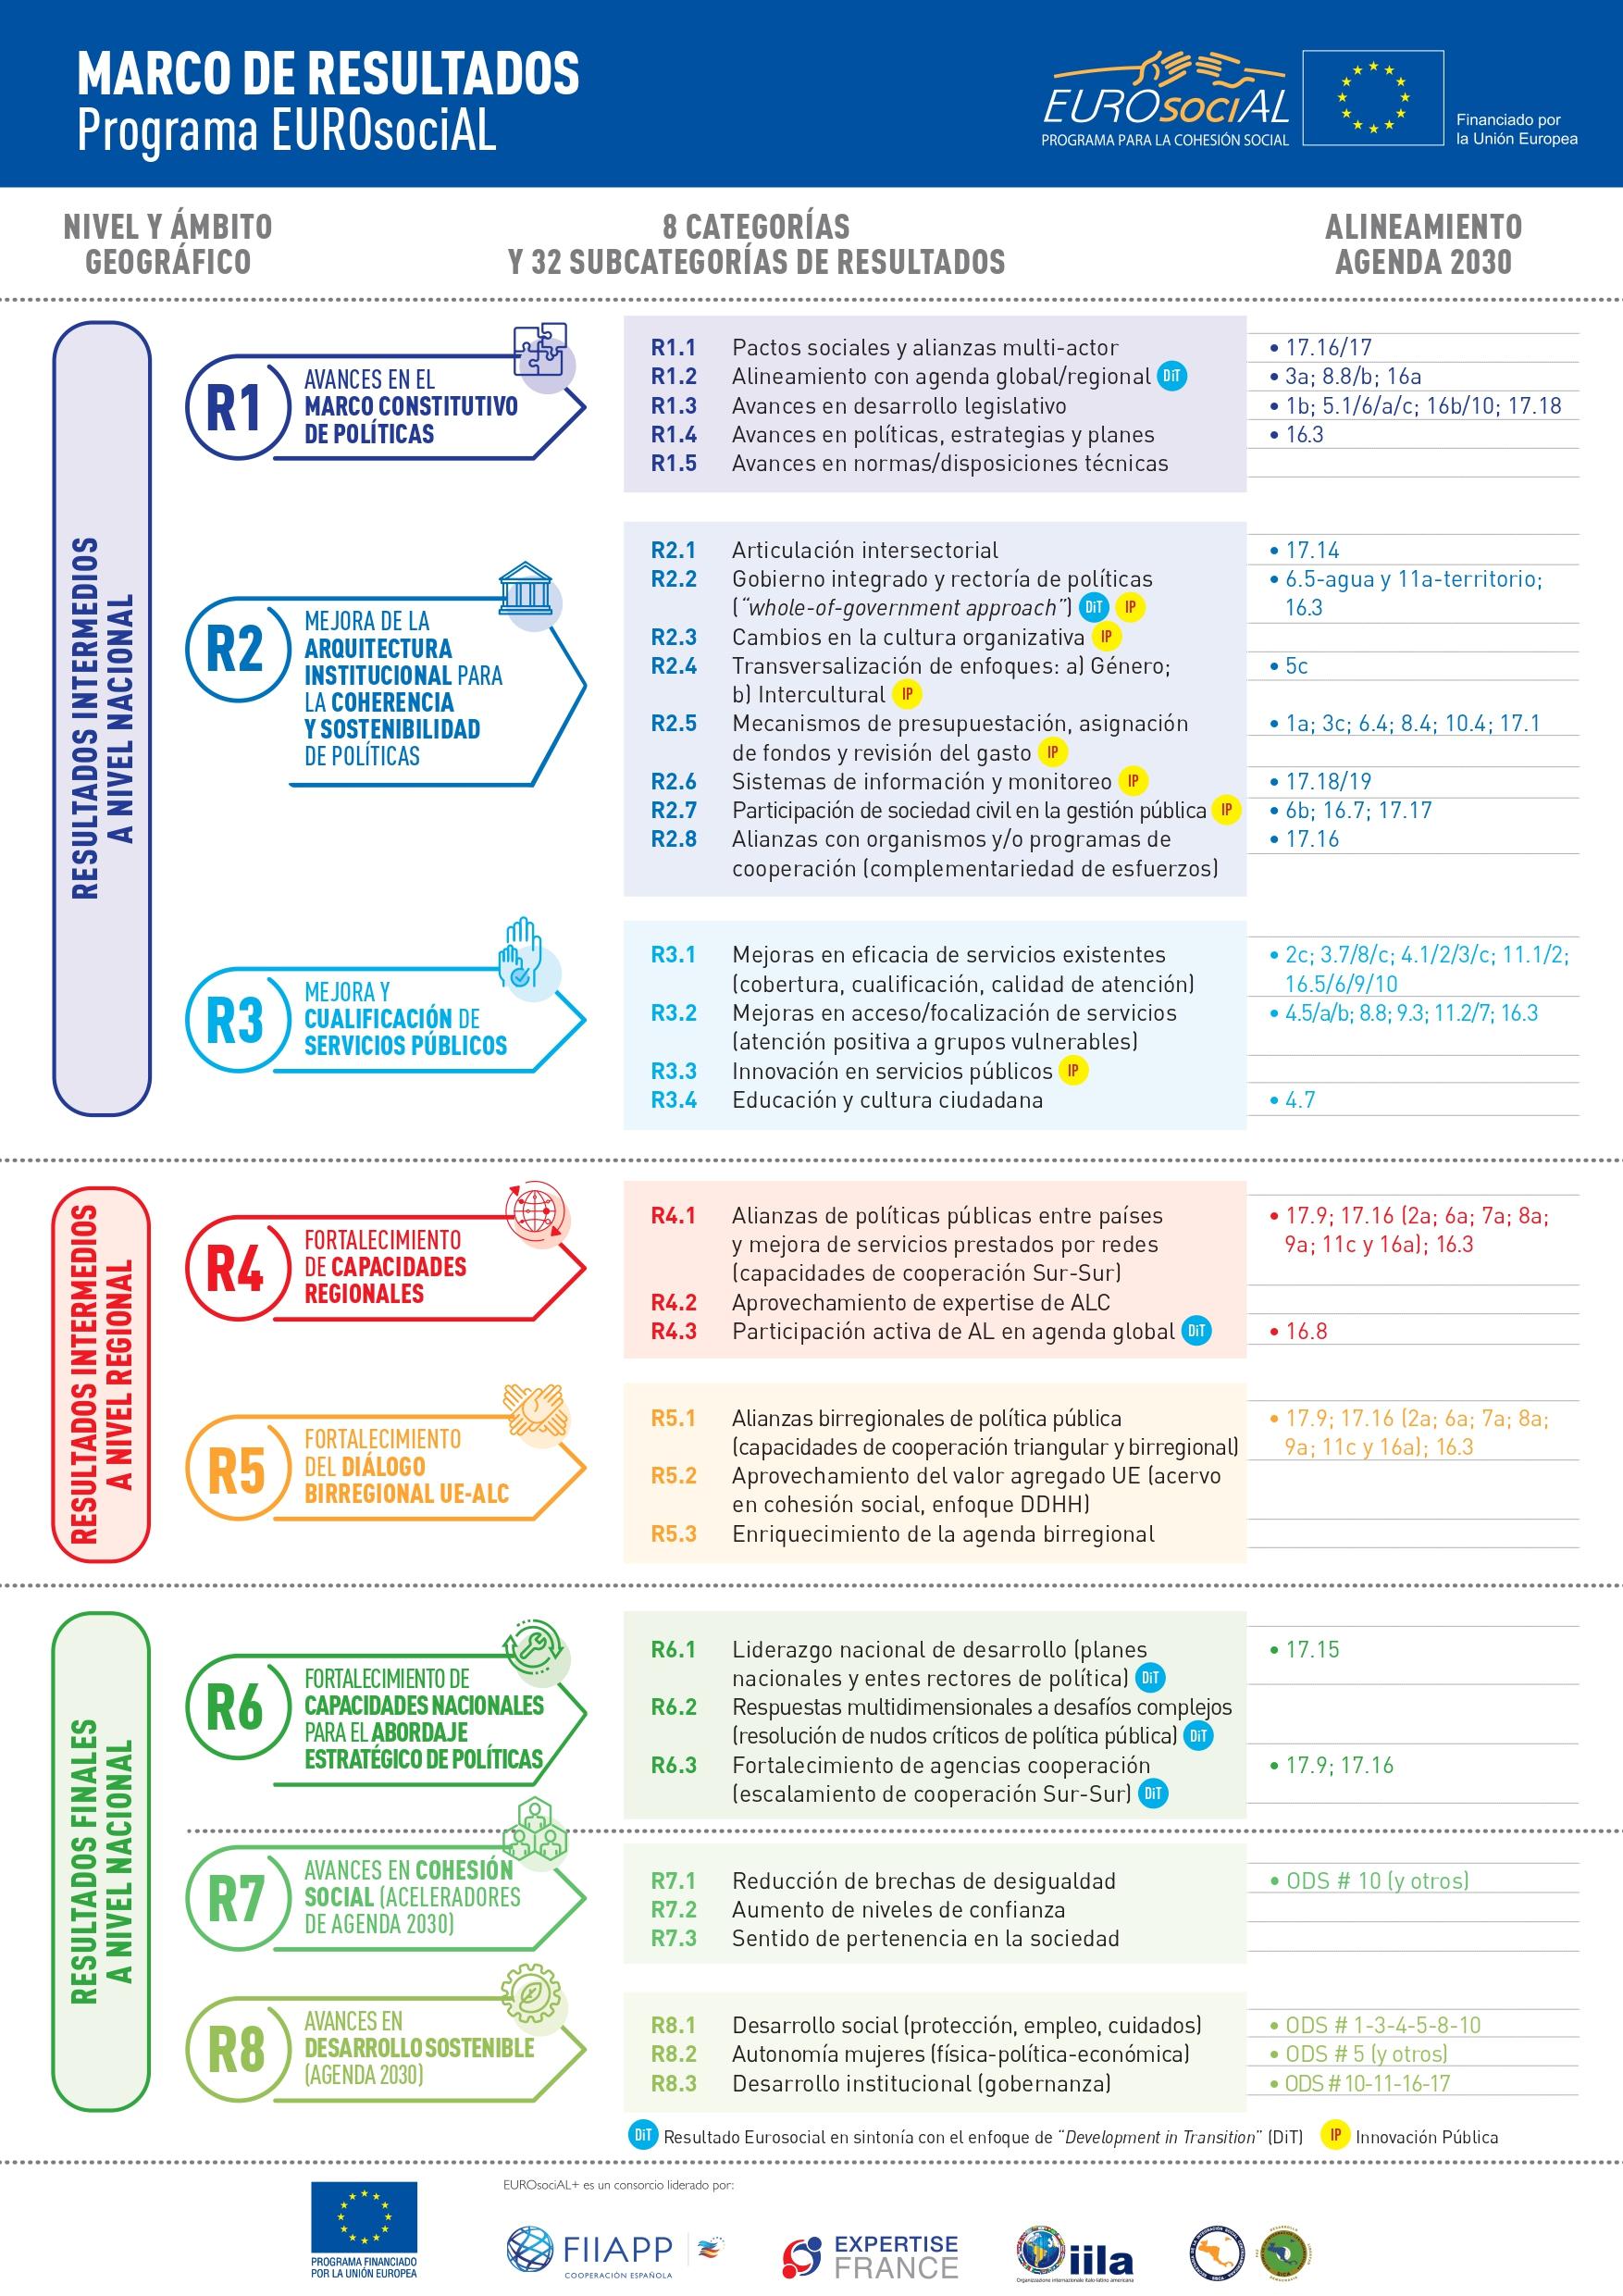 infografia_resultados_eurosocial_ene2021 page 1